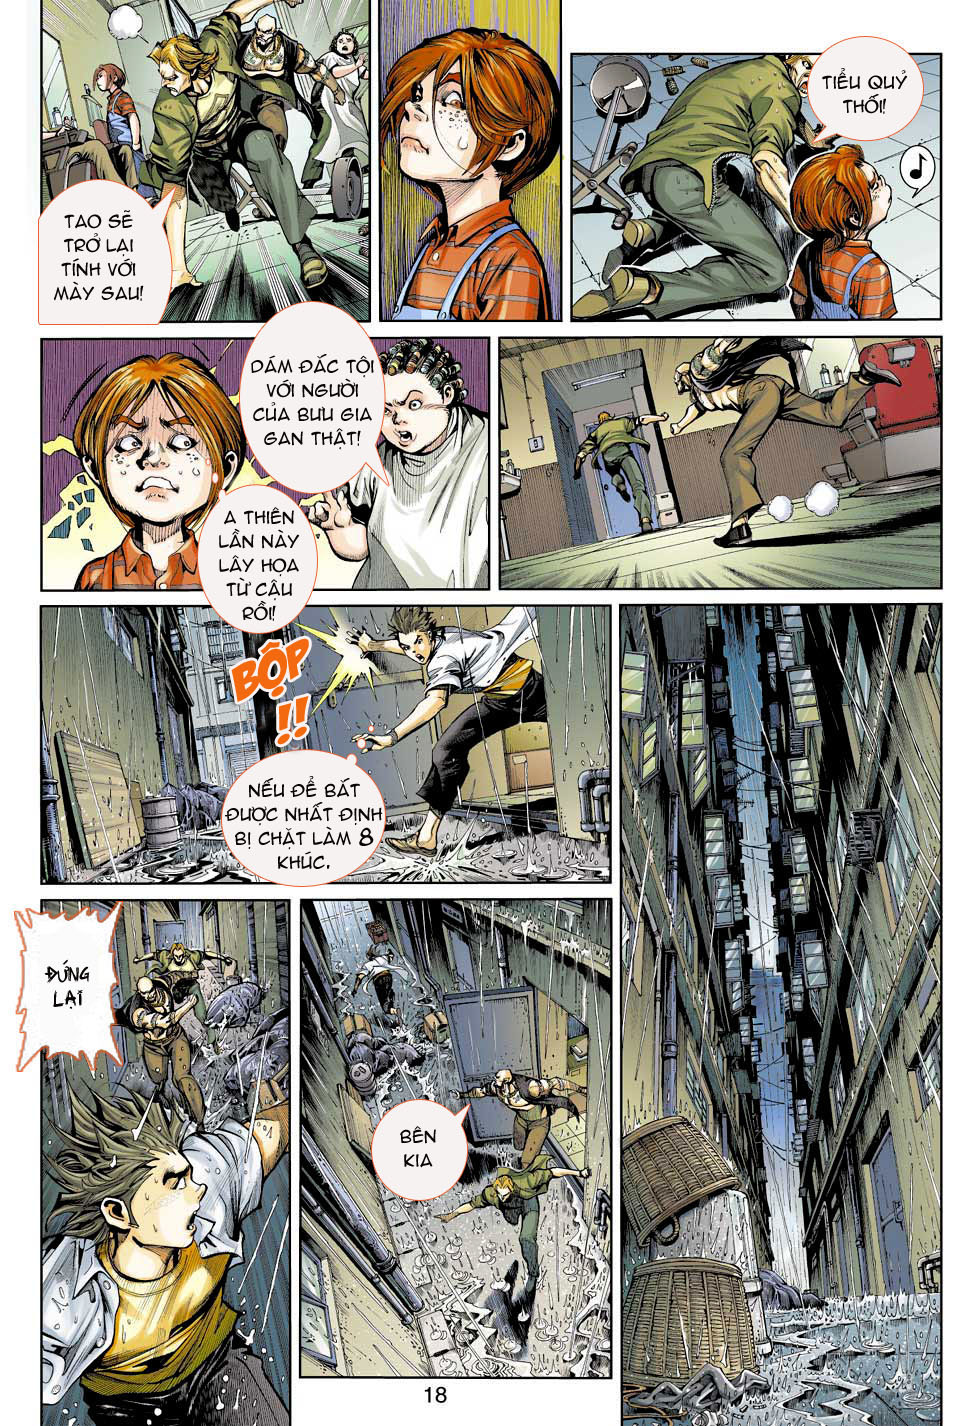 Thần Binh 4 chap 3 - Trang 18